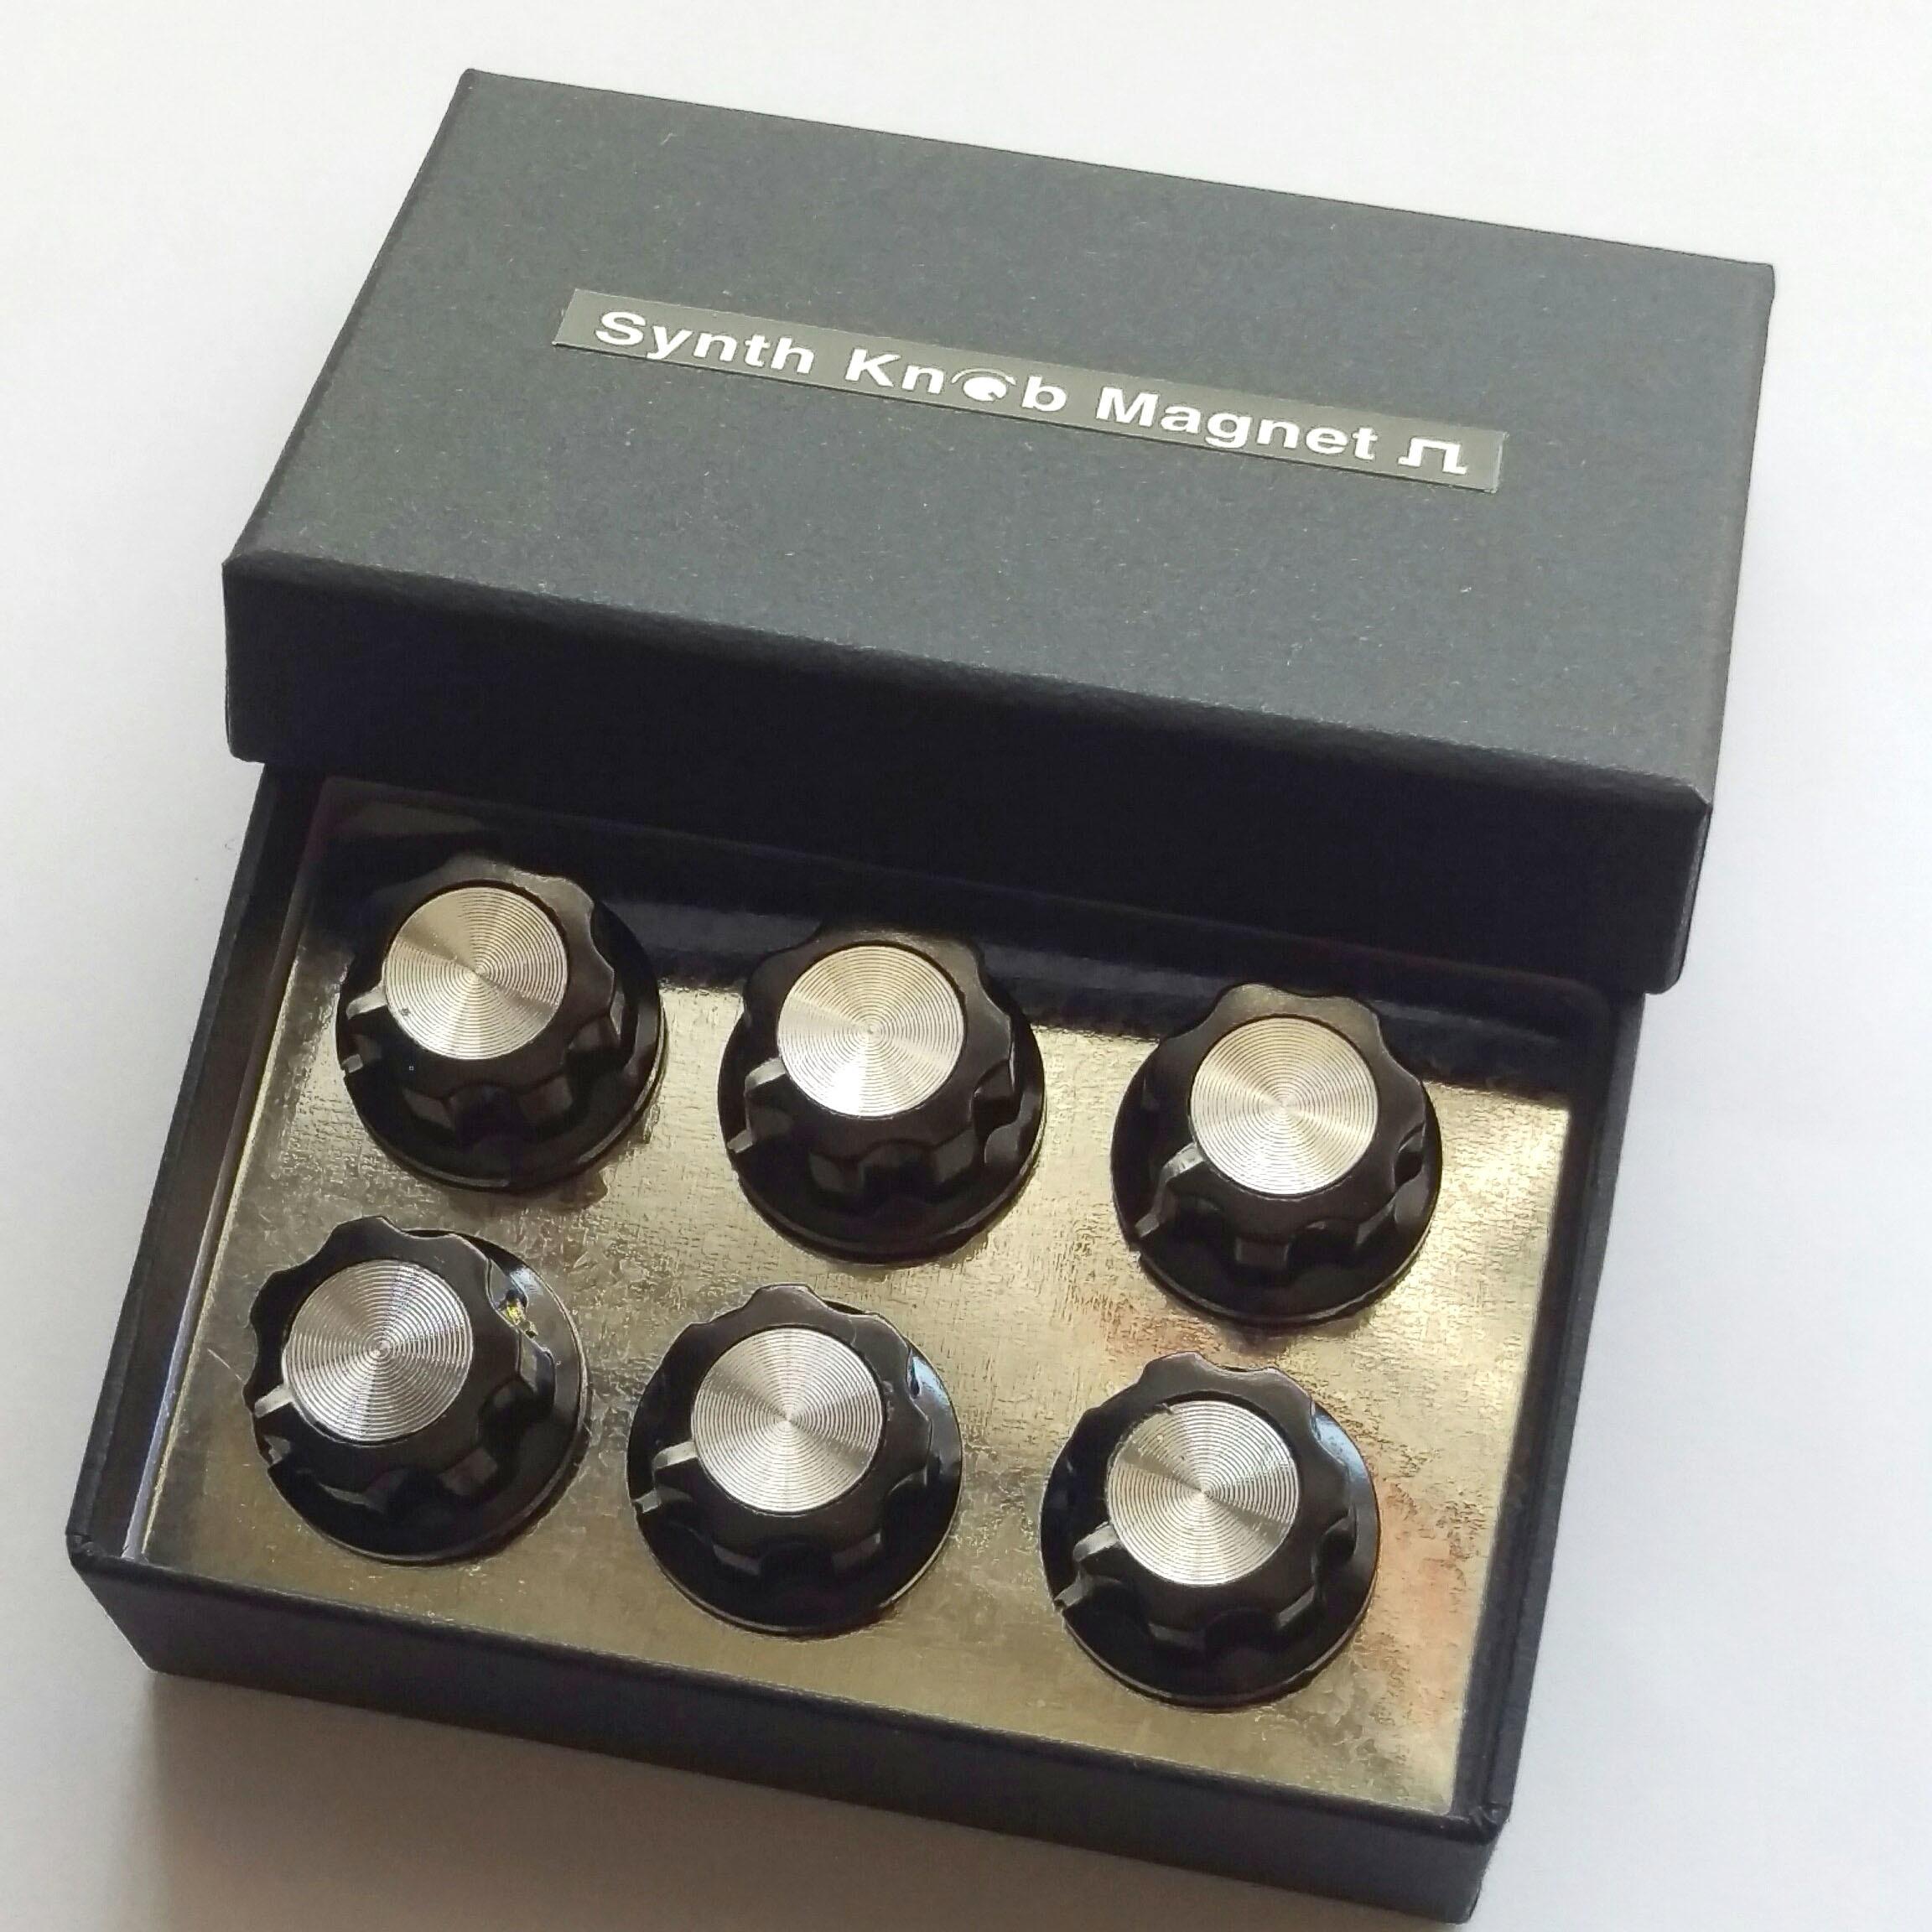 【マグネット】SKMクラシック6 Synth Knob Magnet